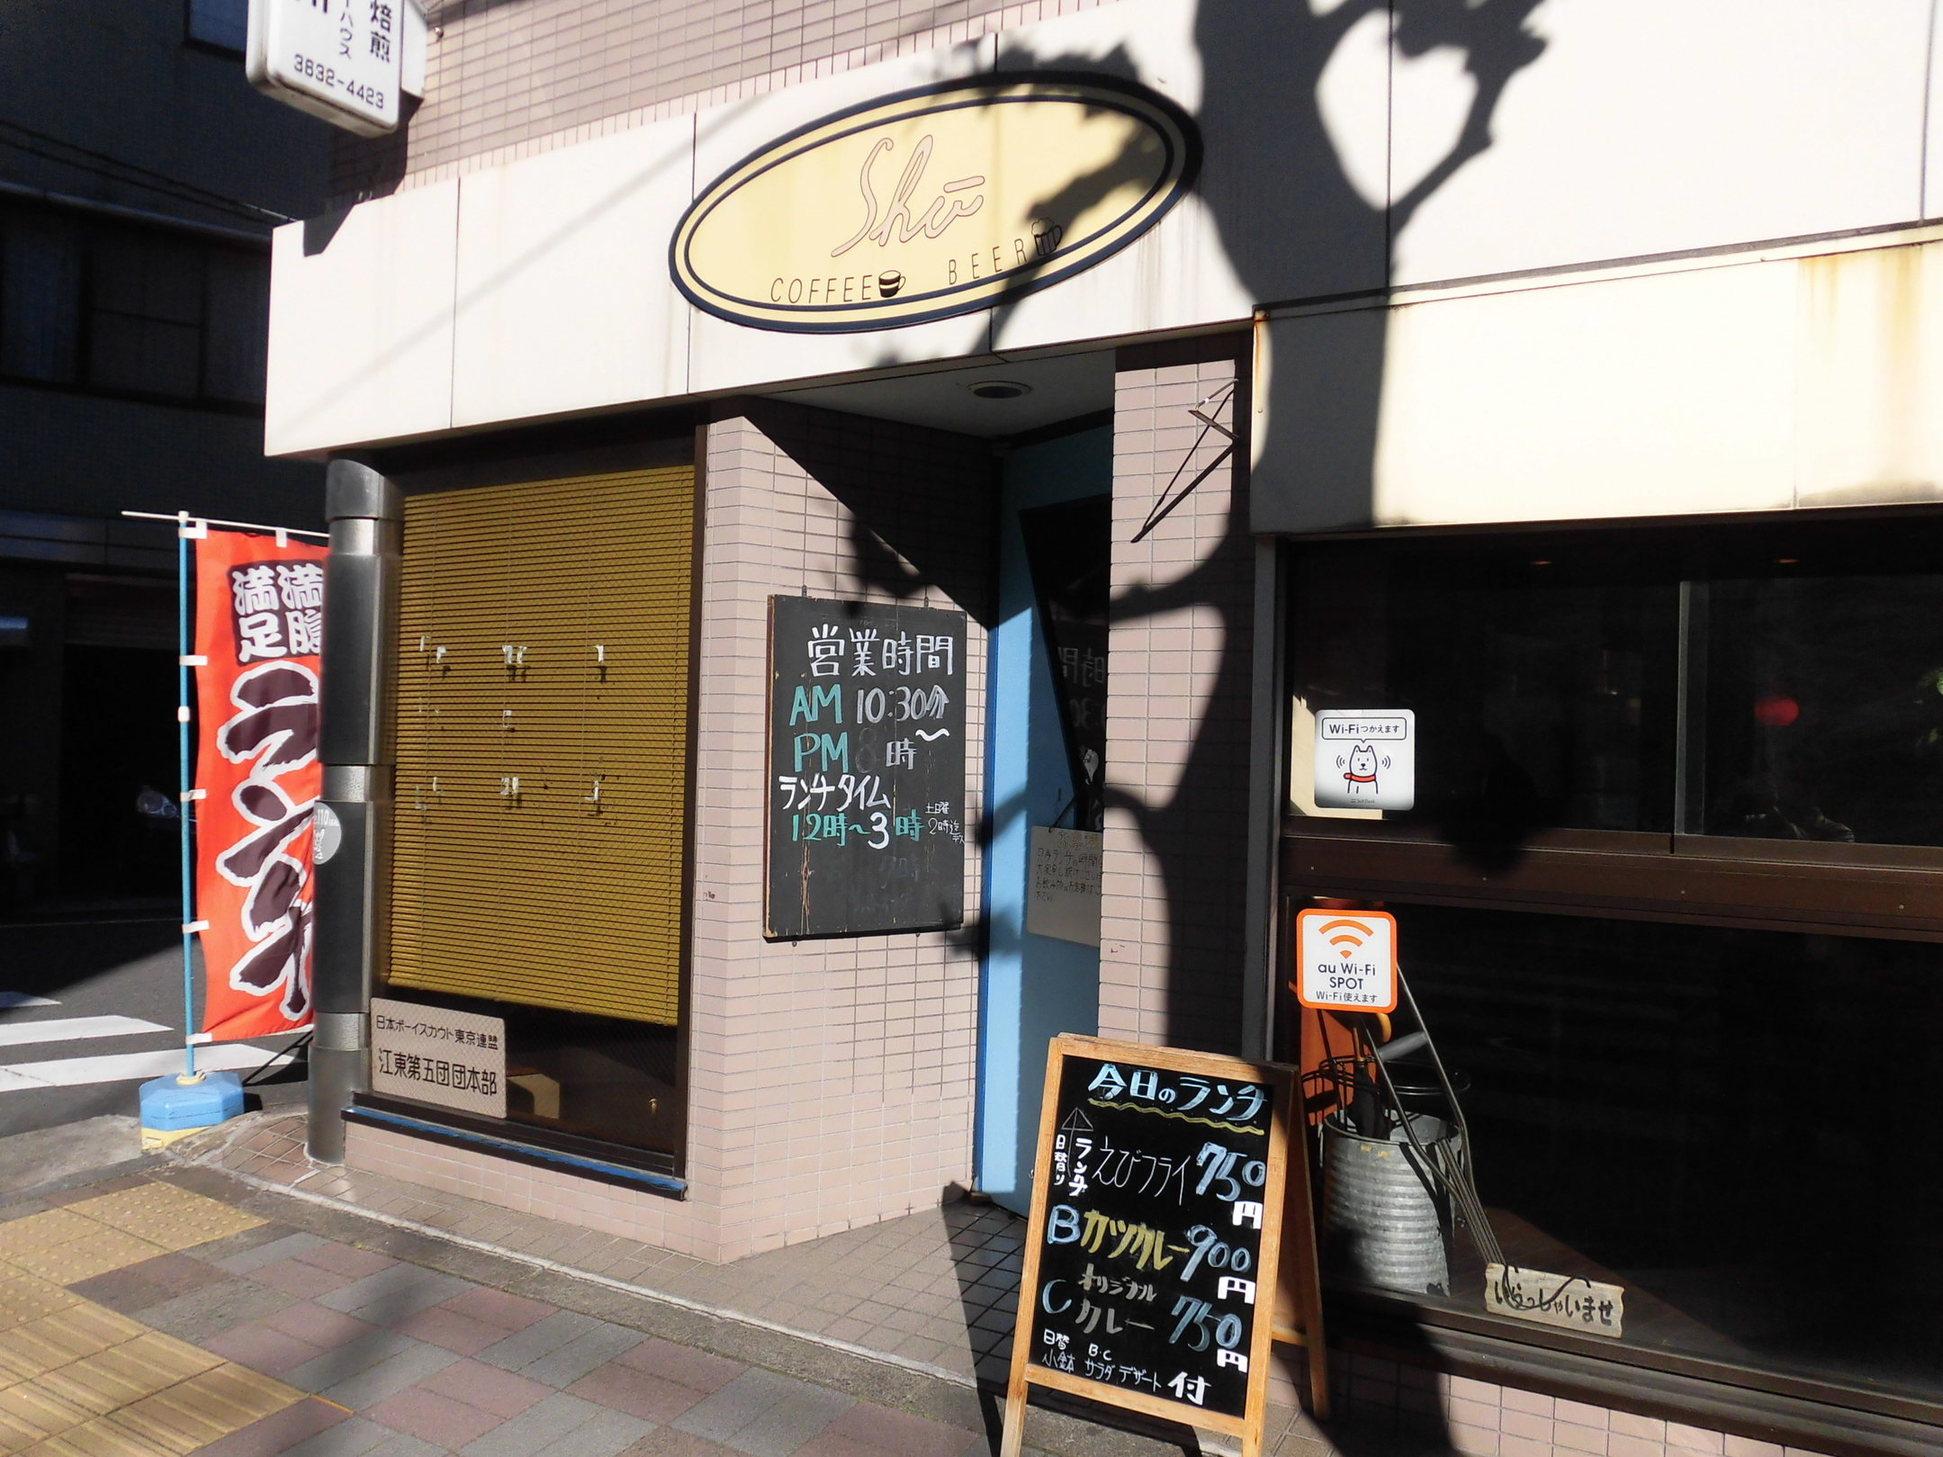 野崎コーヒーハウス州